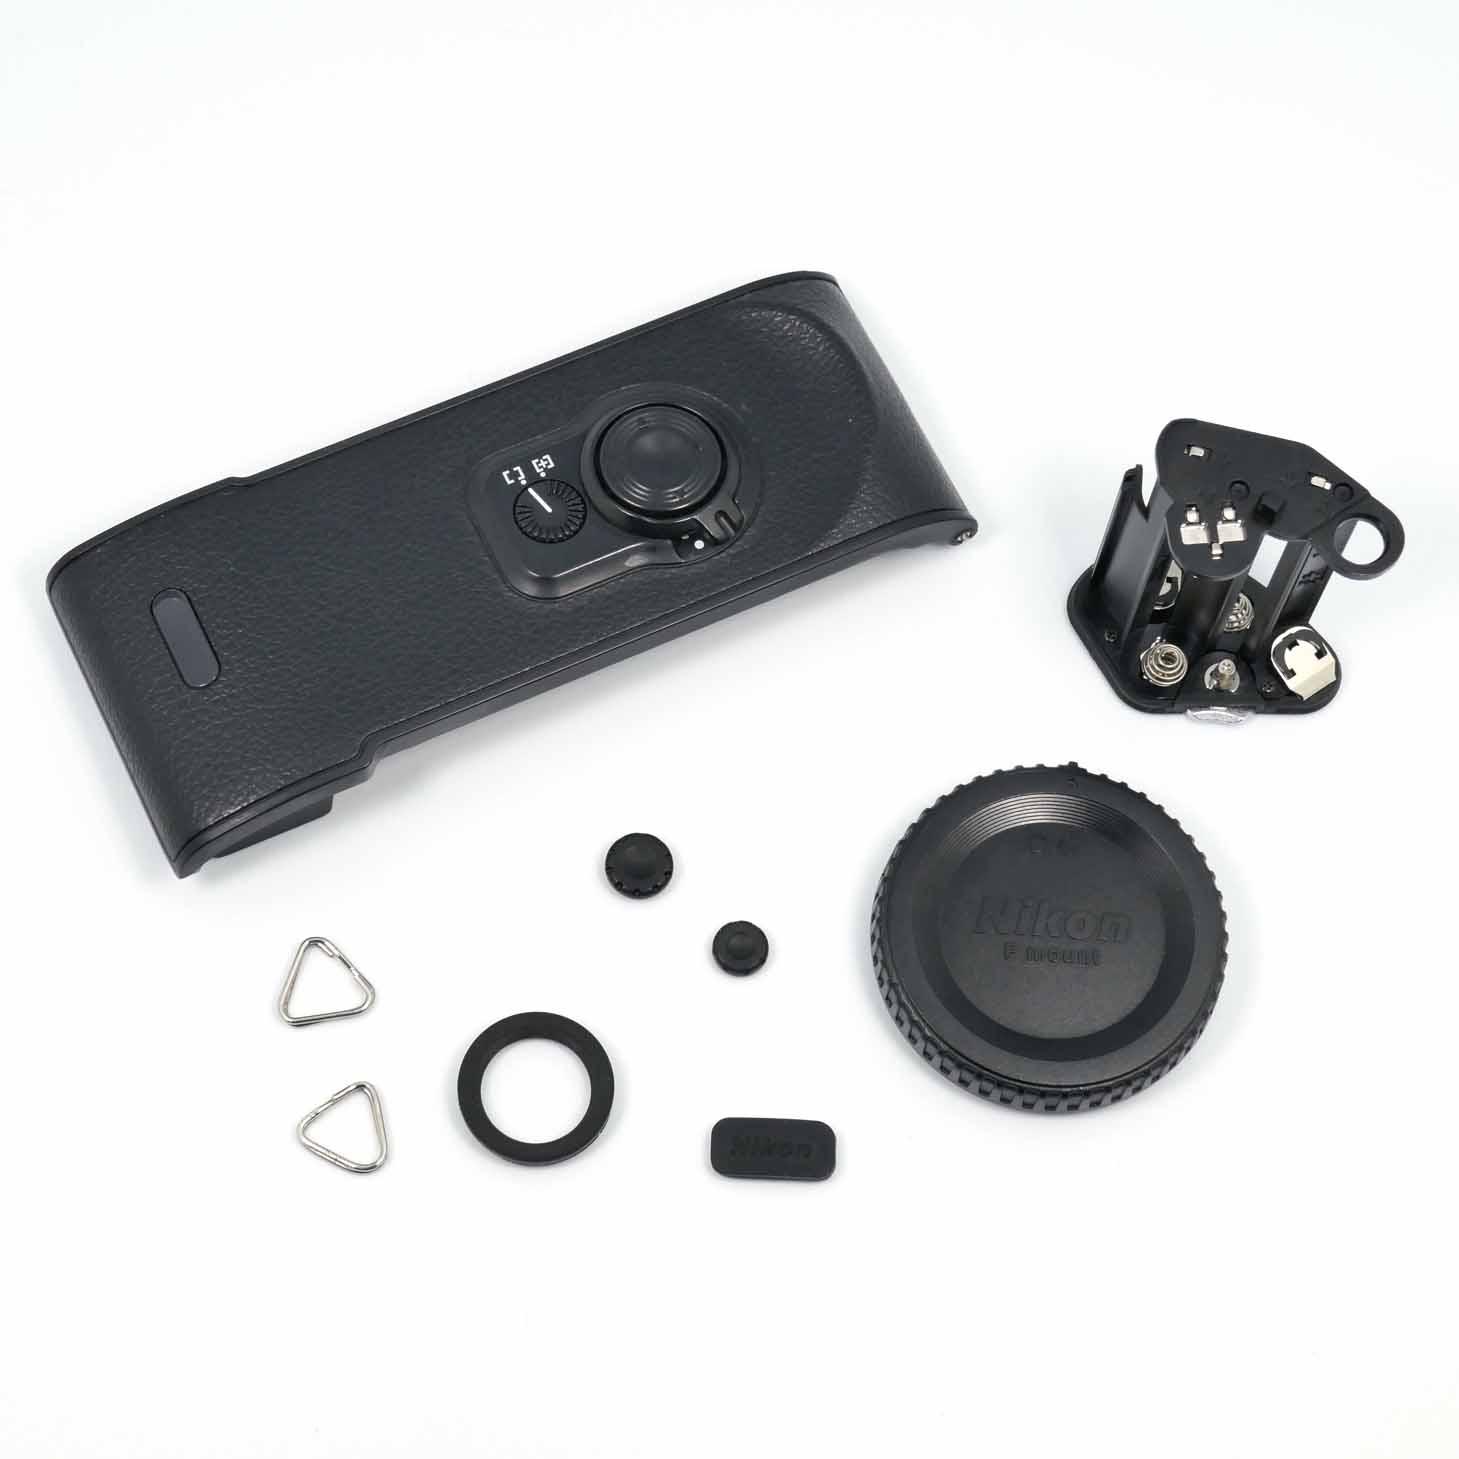 clean-cameras-Nikon-F100-Ersatzteile-06